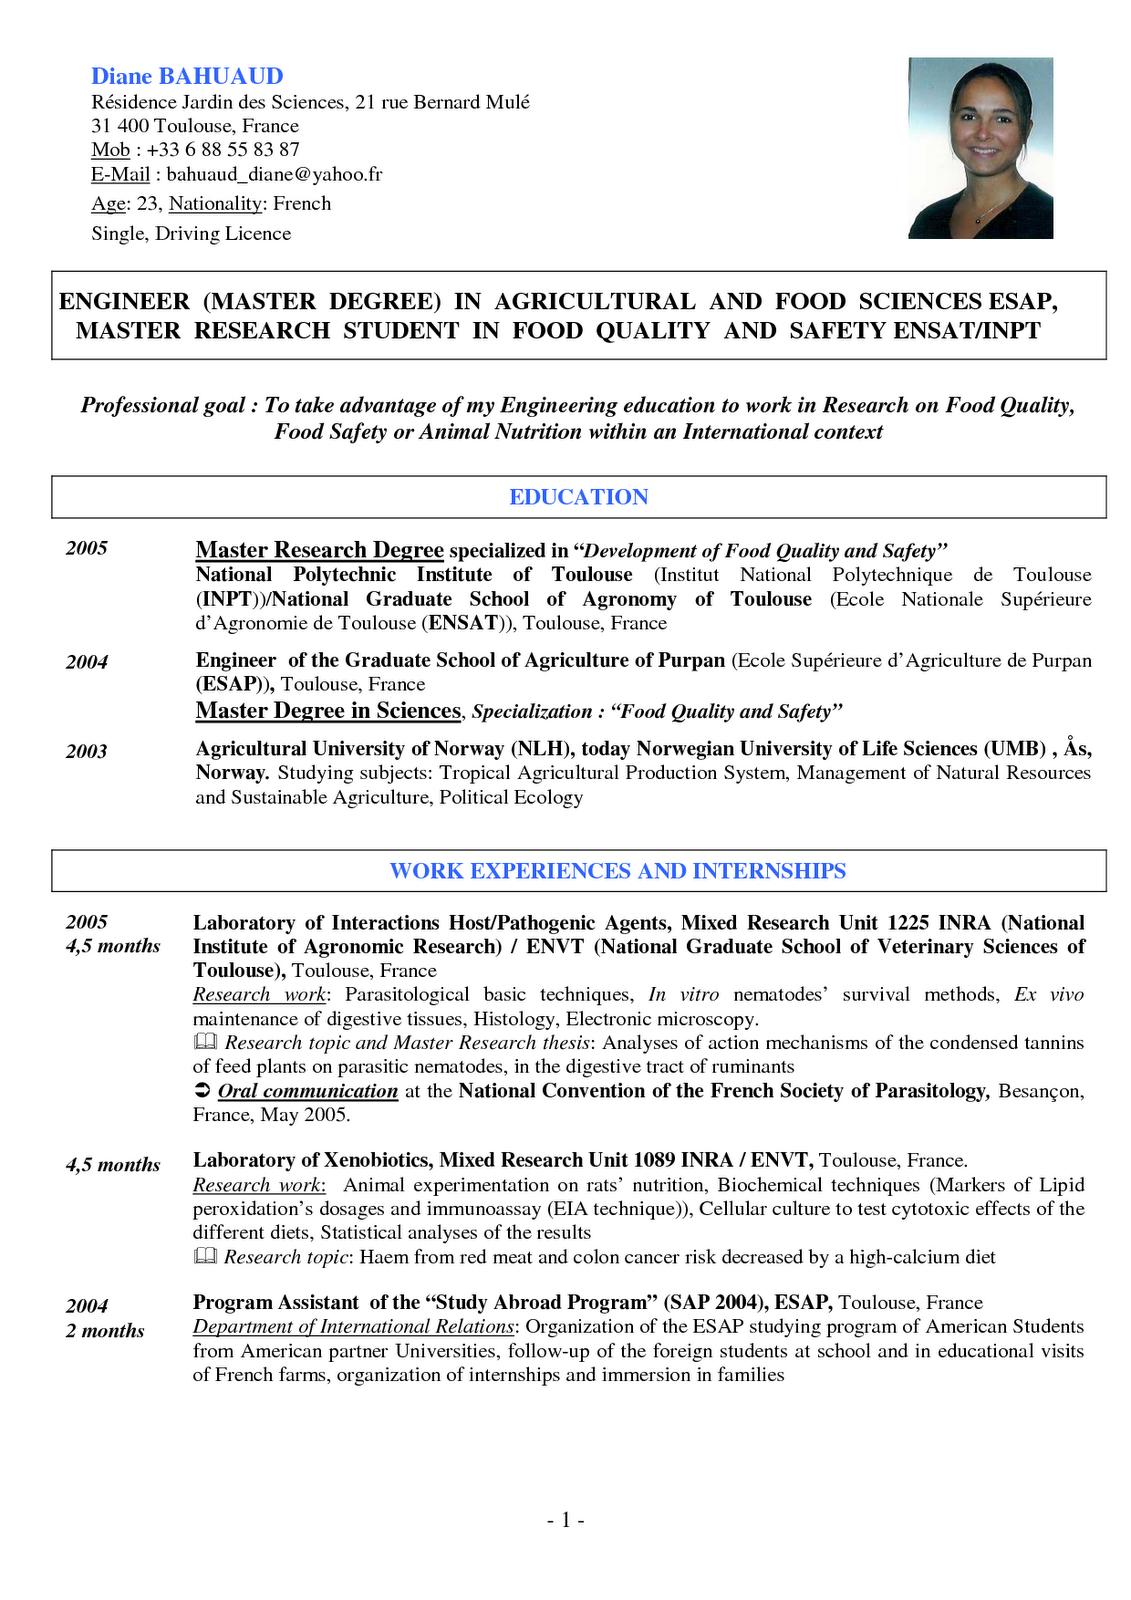 contoh cv dan resume dalam bahasa inggris